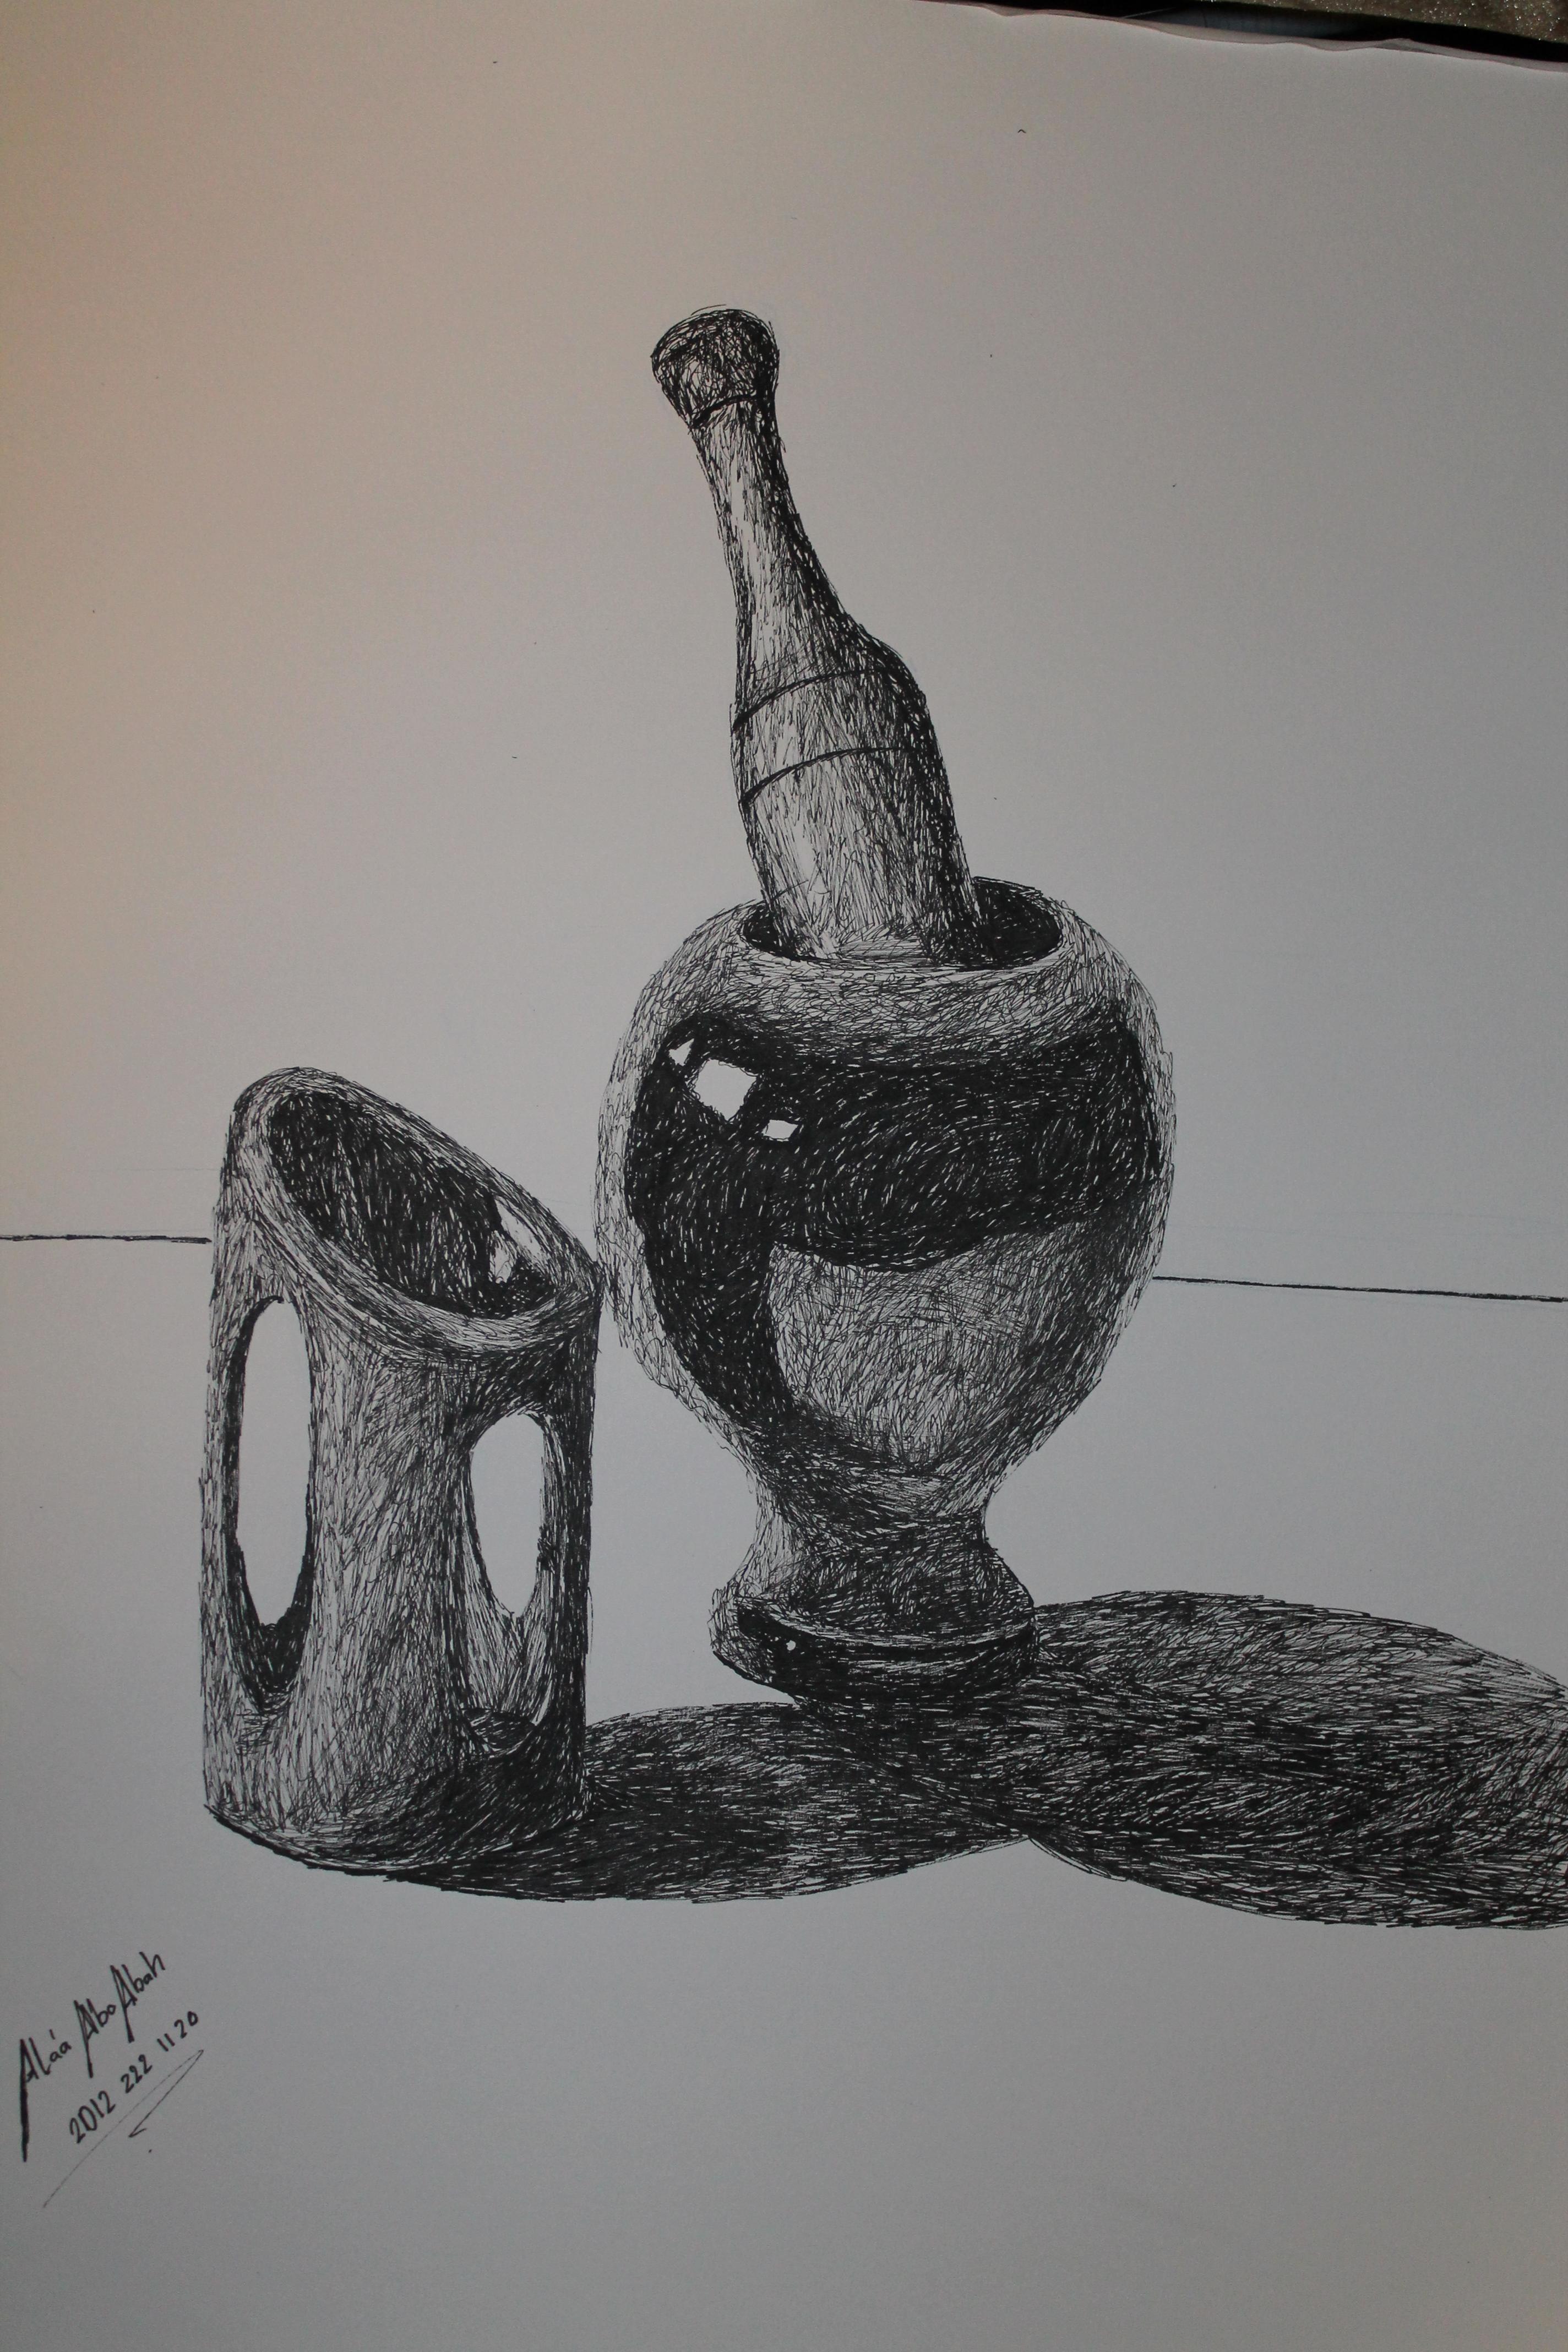 Scribble Drawing Still Life : Still life scribble by alaaaboabah on deviantart